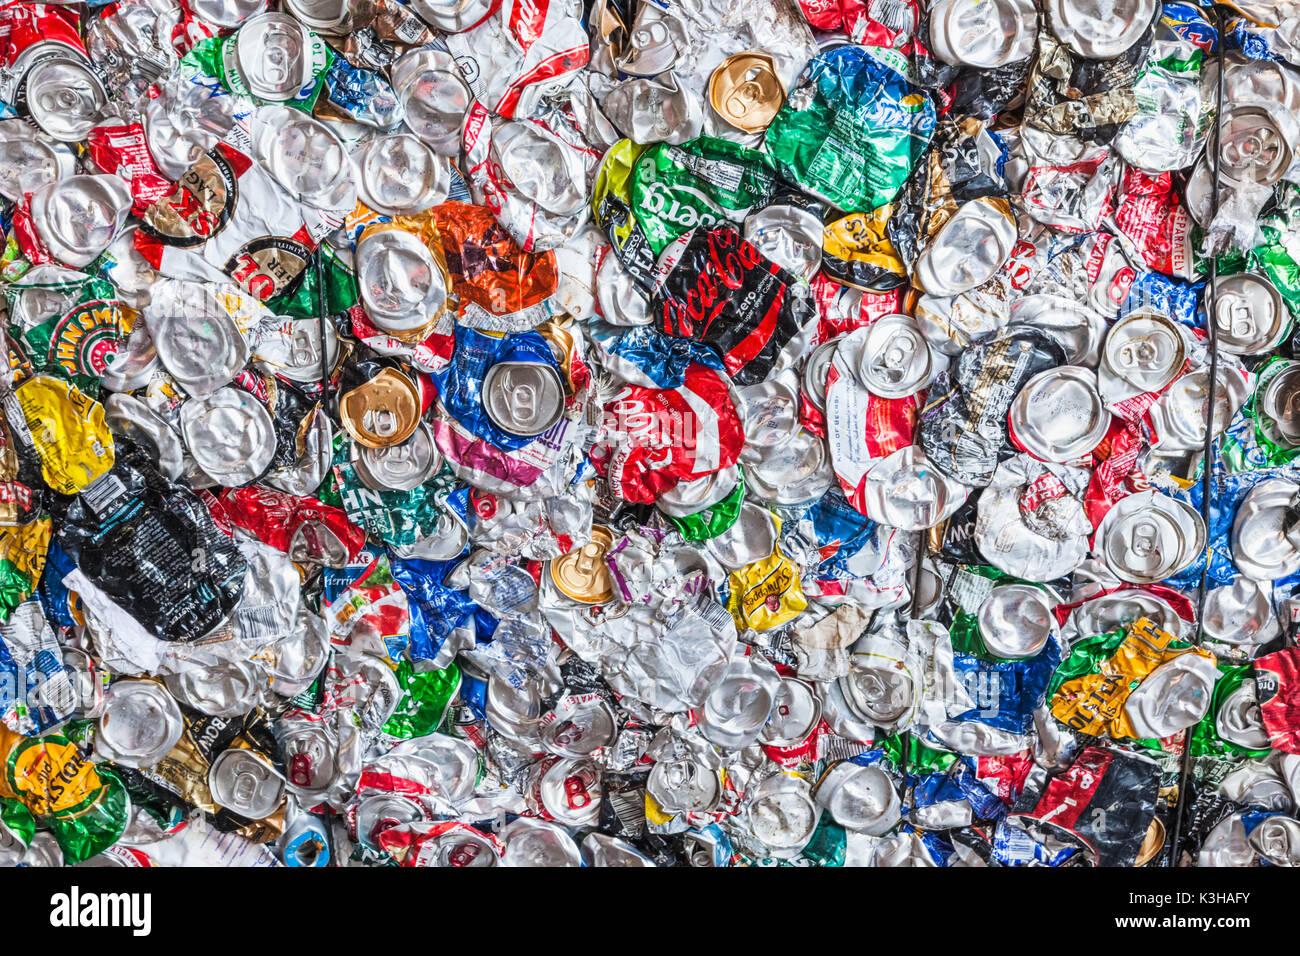 Inglaterra, Londres, Southwark integrado de instalación de gestión de desechos, el reciclado de residuos, Detalle de metal comprimido puede enfardar Imagen De Stock